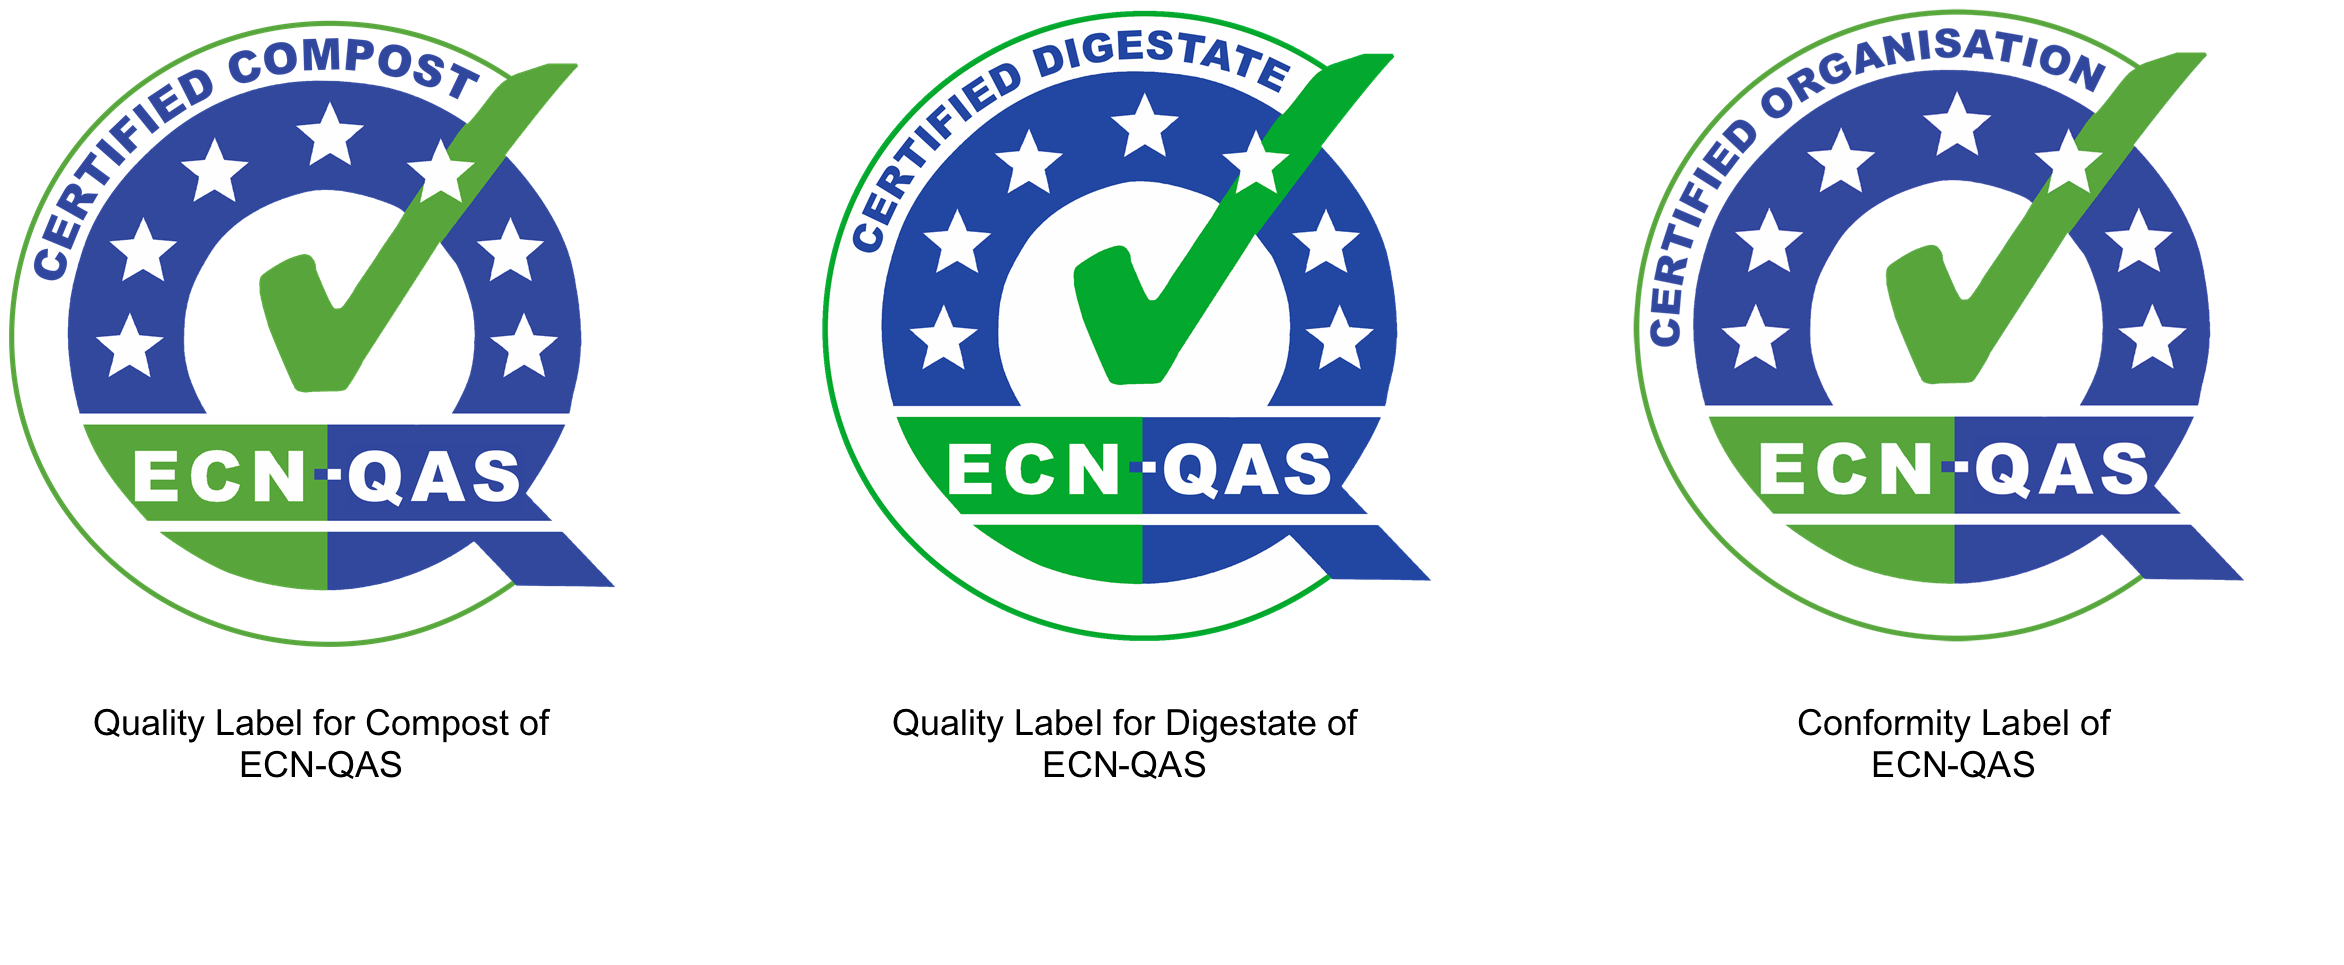 ecn-qas-labels